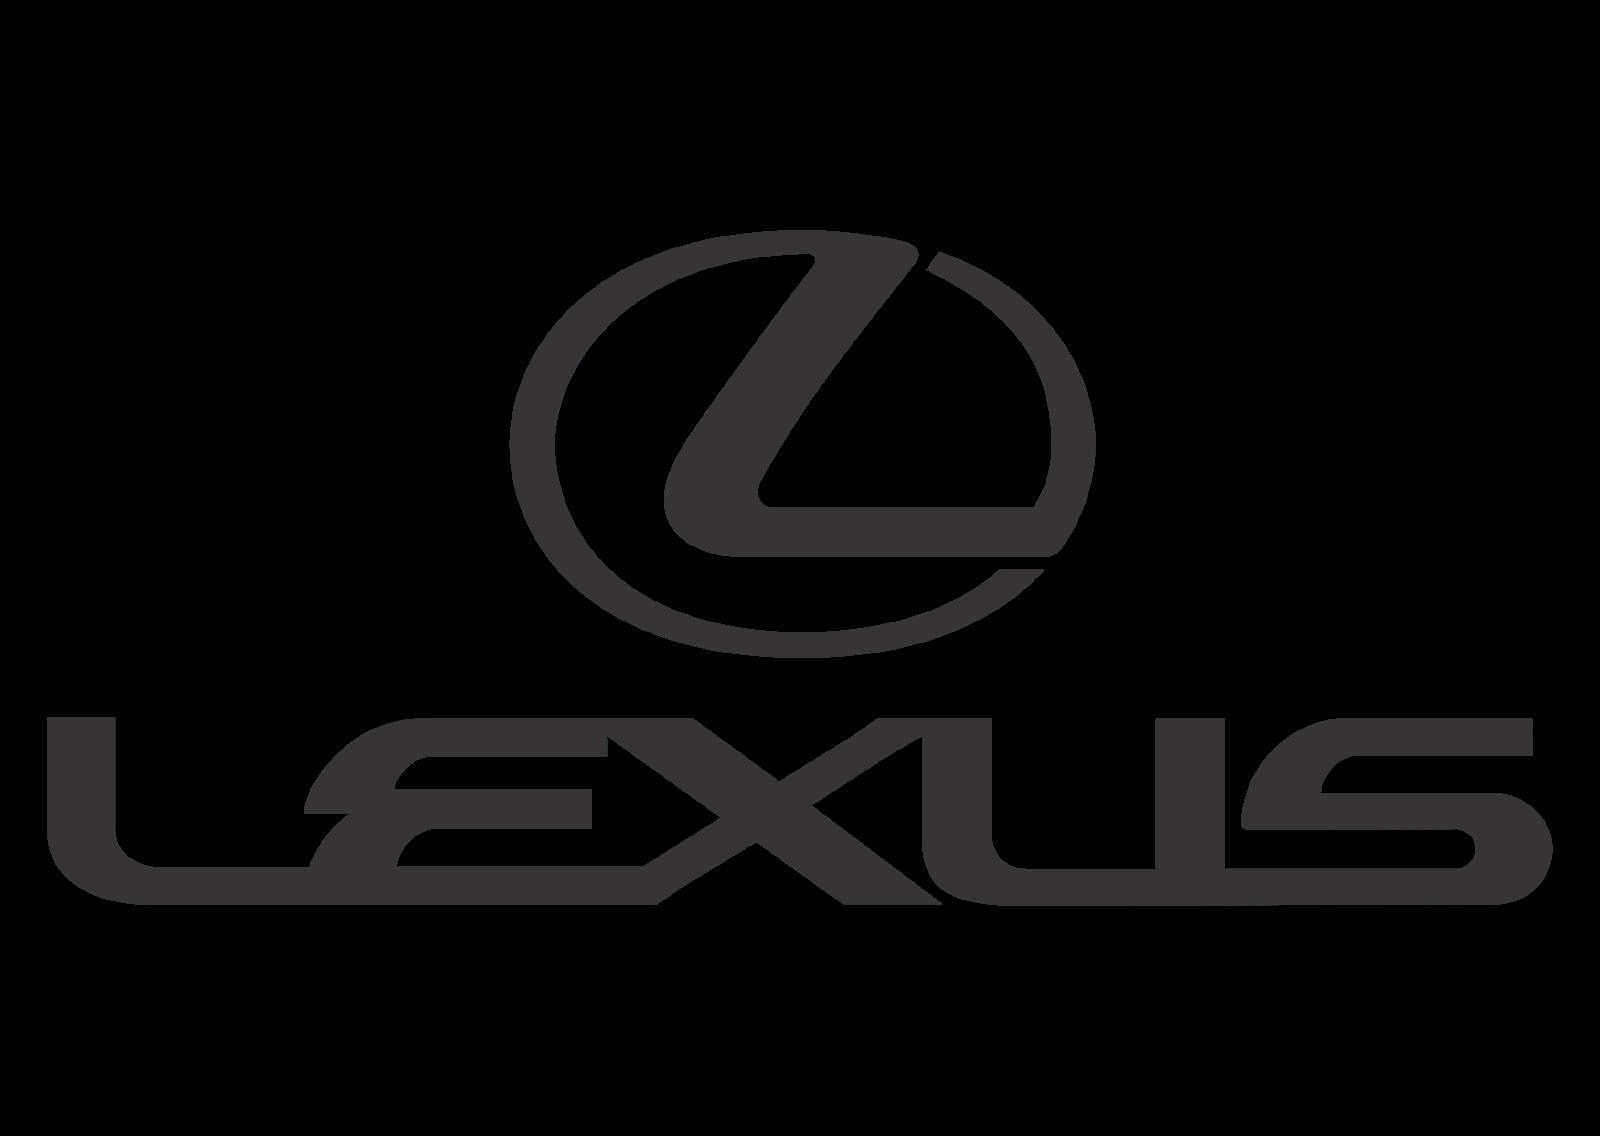 Lexus-logo-vector download